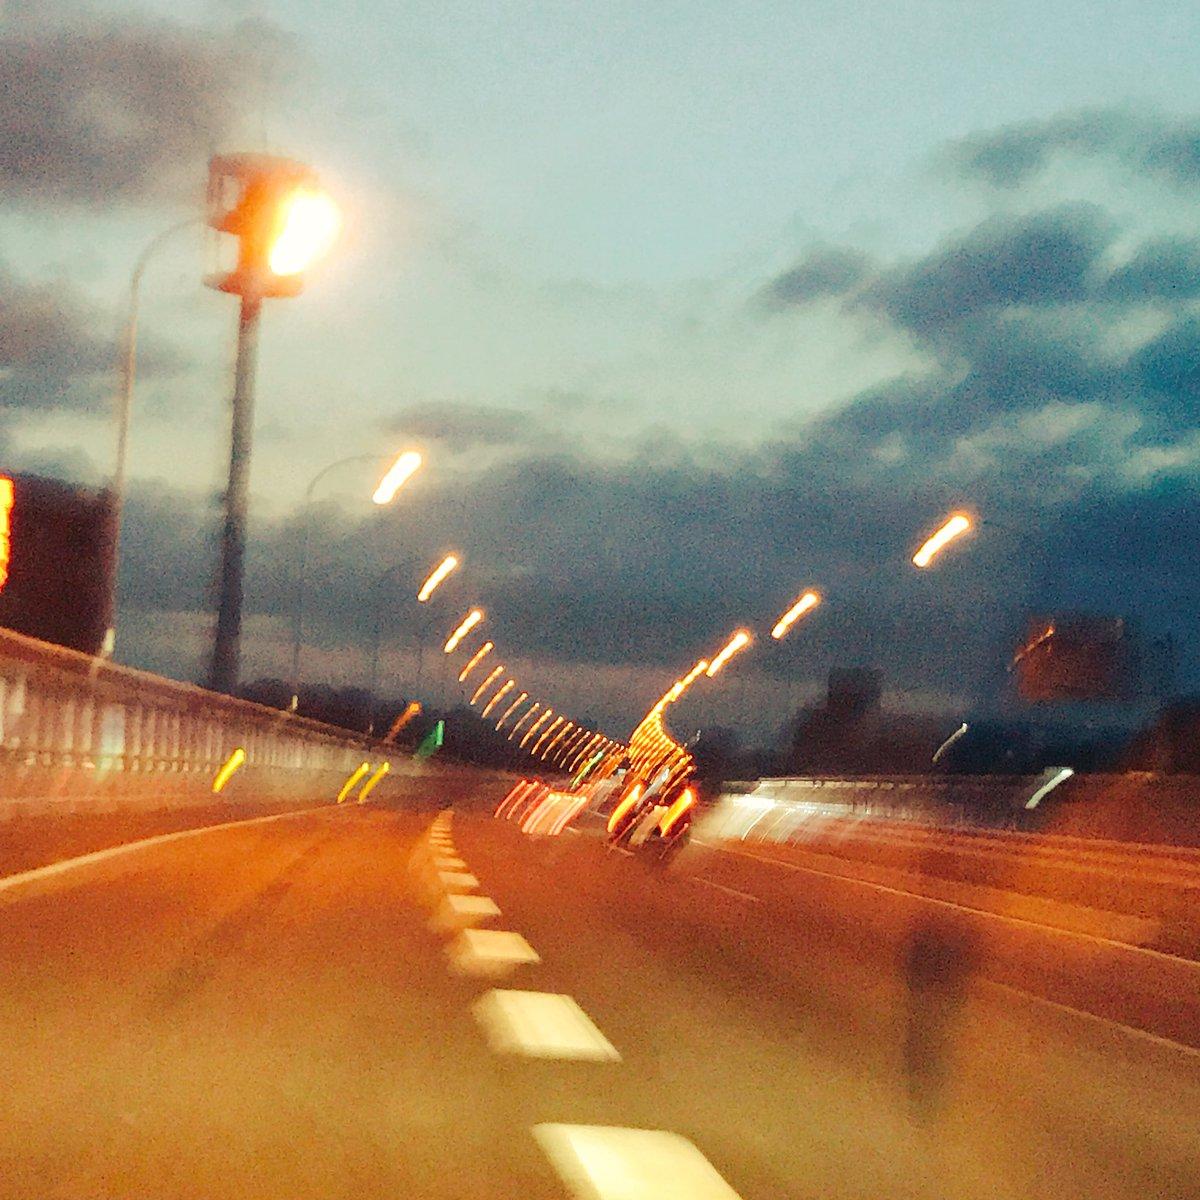 #イマソラ  #sky #空 #tokyo #東京 #japan #写真 #iPhone写真 #写真好きな